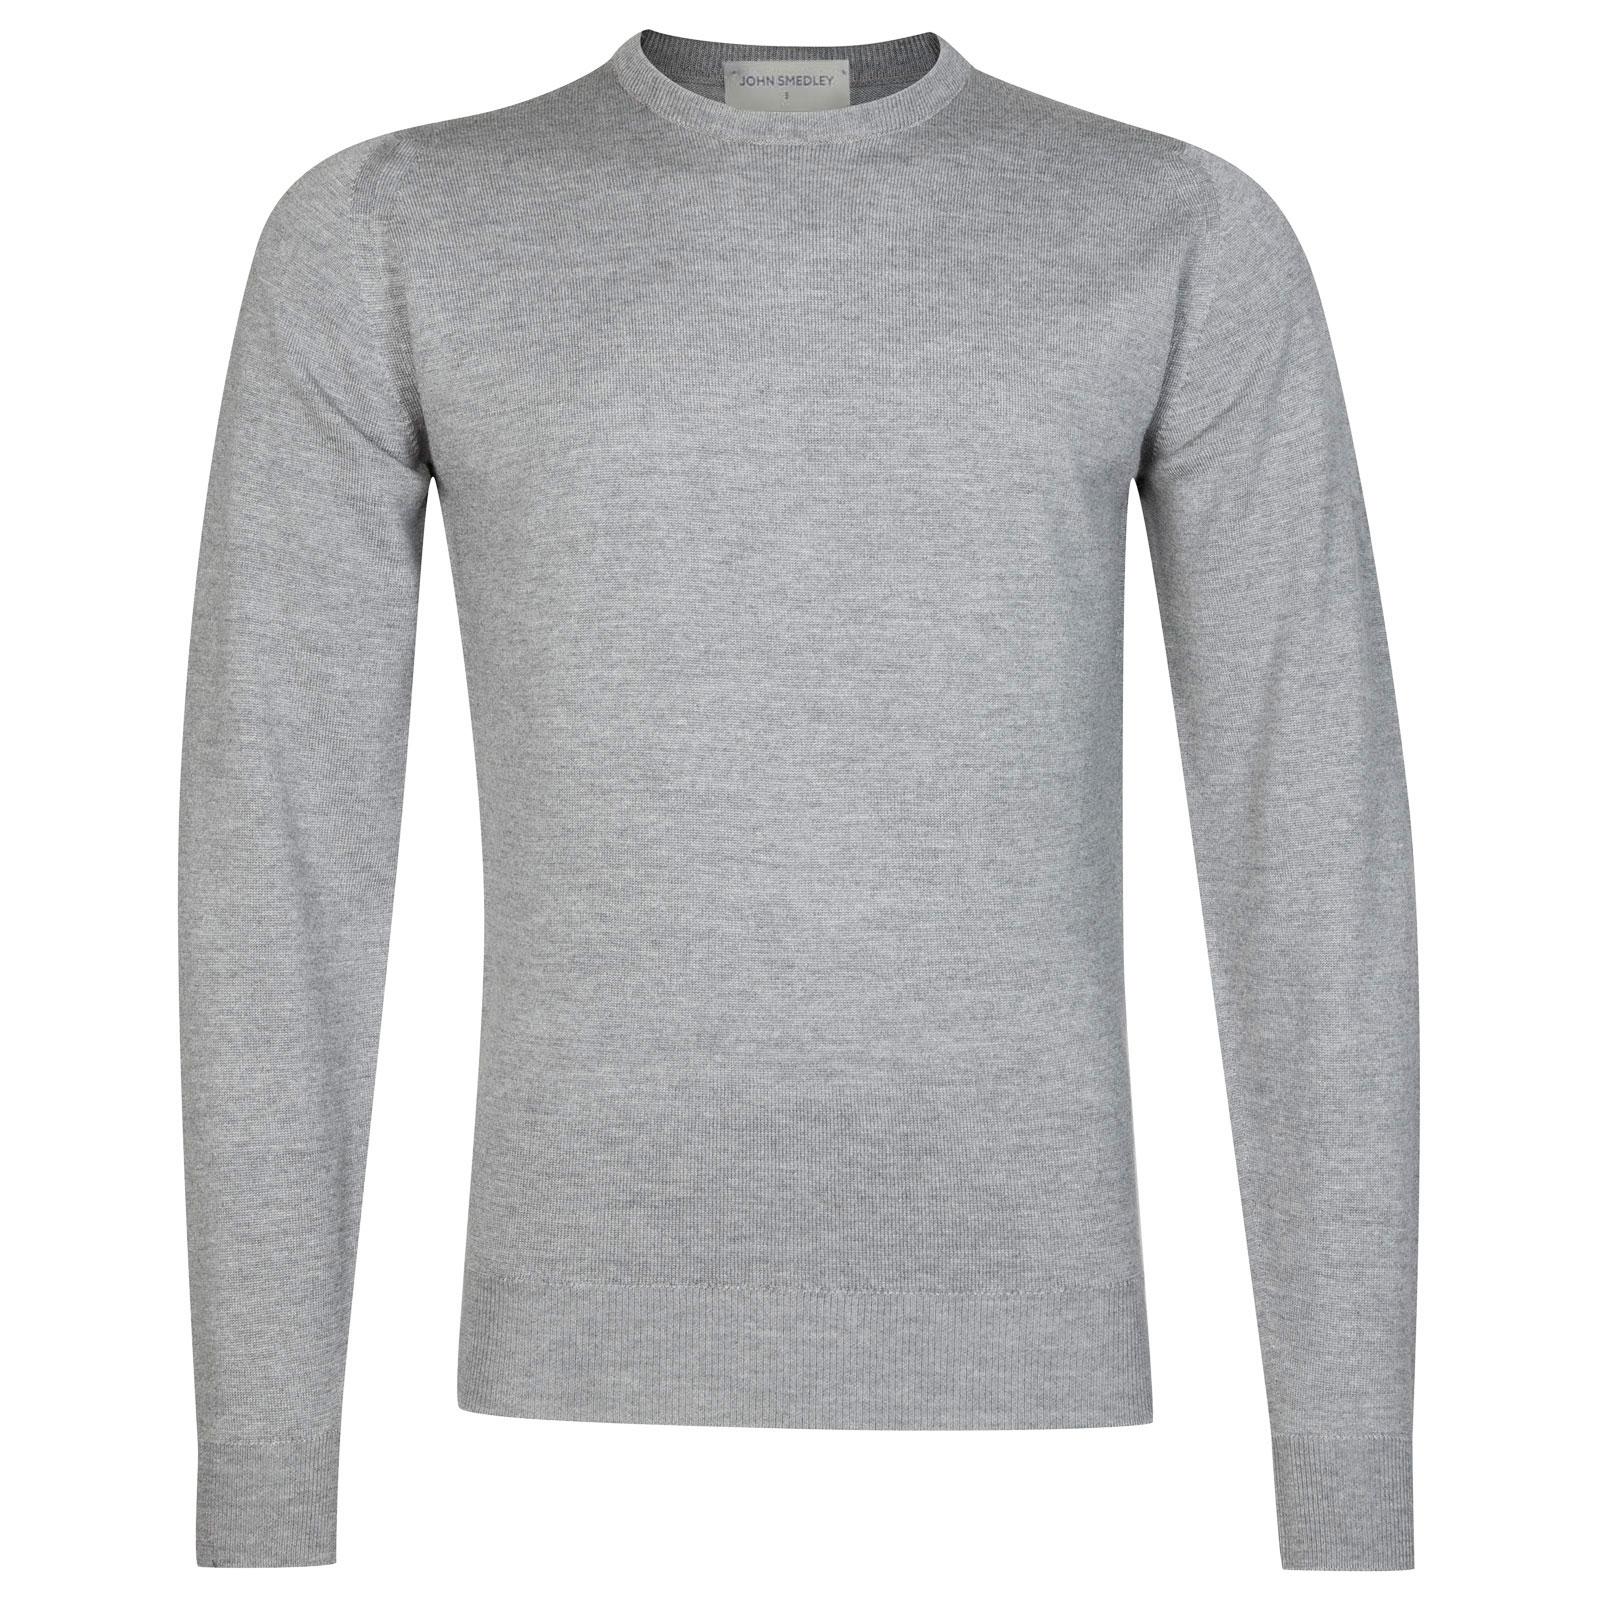 John Smedley Farhill Merino Wool Pullover in Silver-L